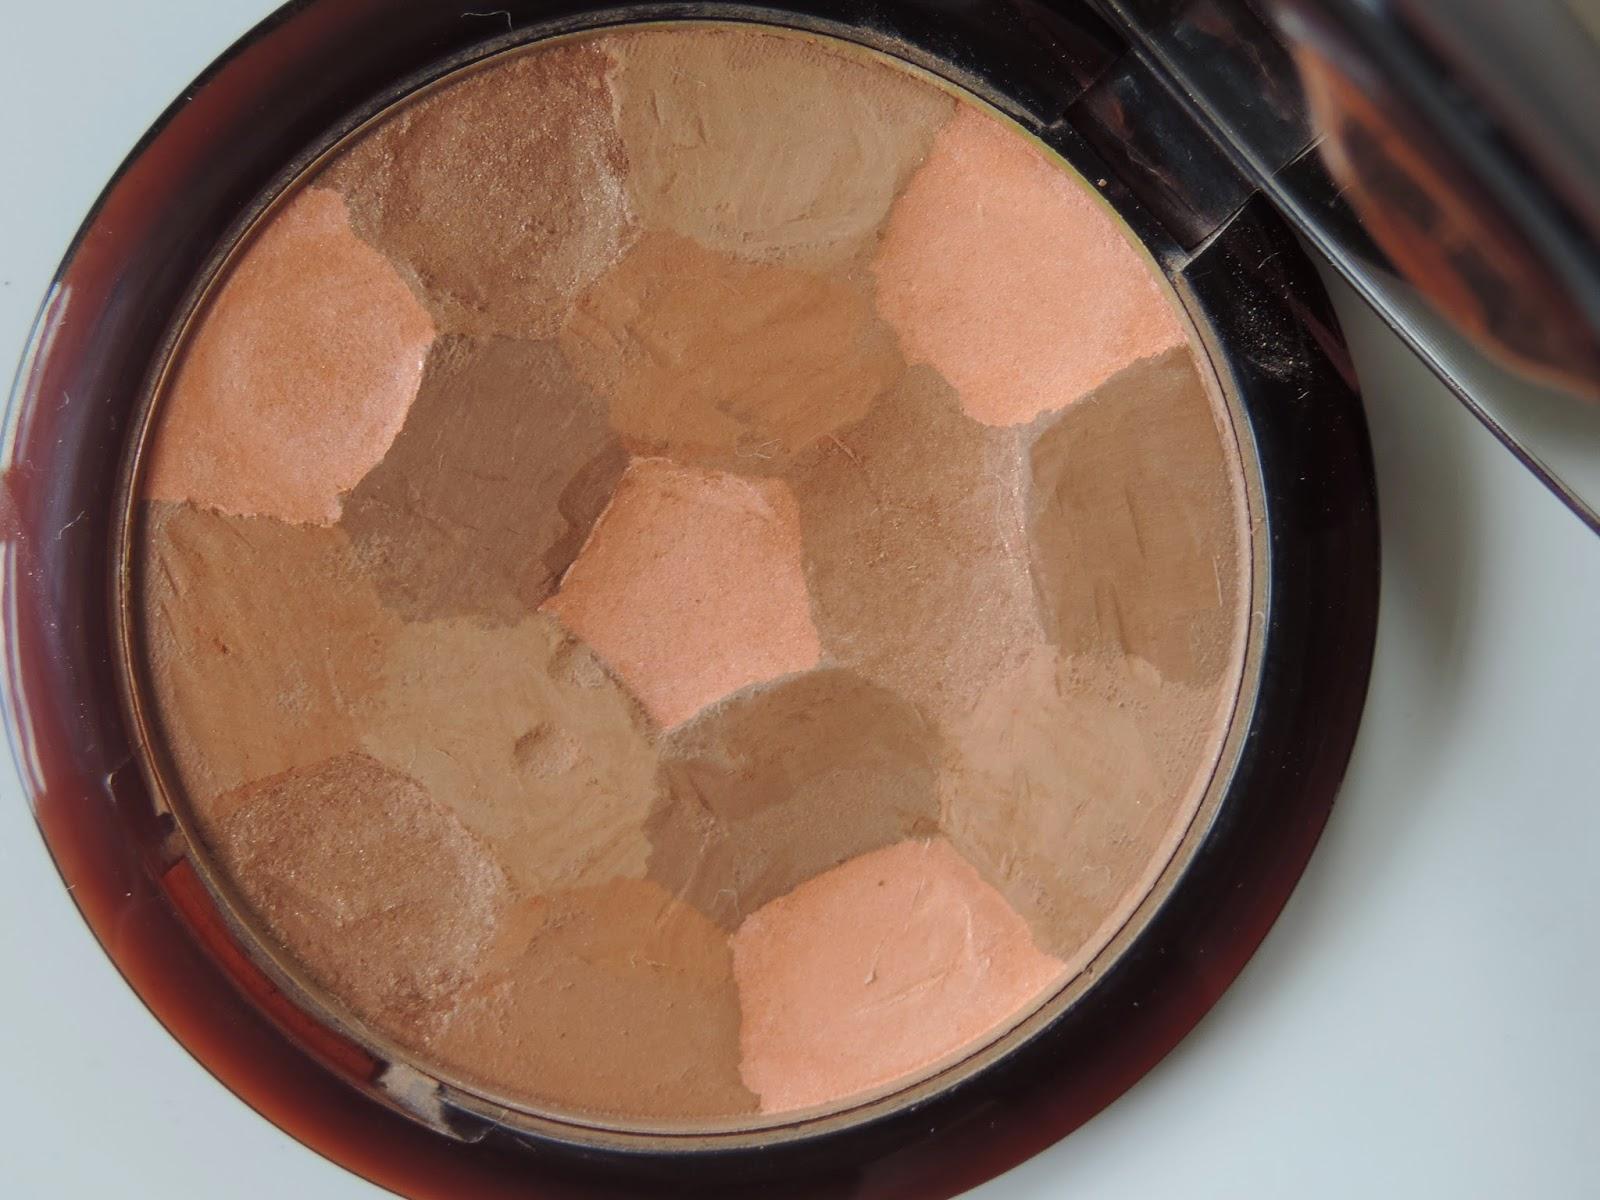 Guerlain Terracotta Light Sheer Bronzing Powder in 03 Brunettes